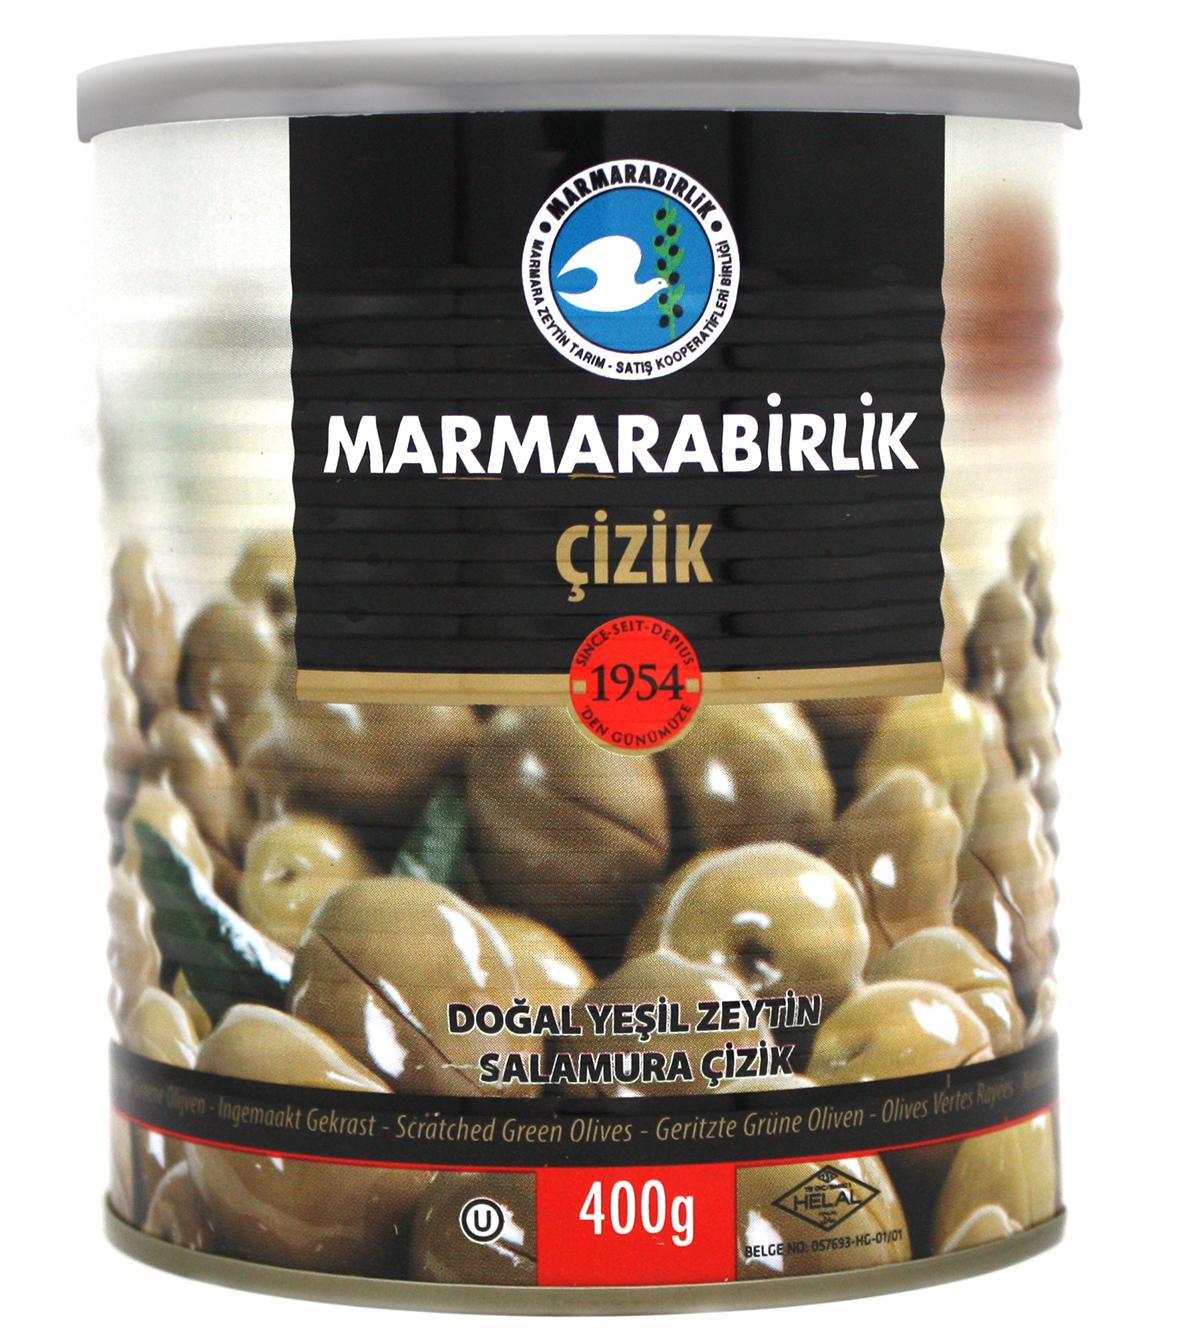 Оливки и оливковая паста Оливки зеленые надрезанные 2XS, Marmarabirlik, 400 г import_files_b1_b1a8898c765d11e9a9ac484d7ecee297_b1a8898d765d11e9a9ac484d7ecee297.jpg